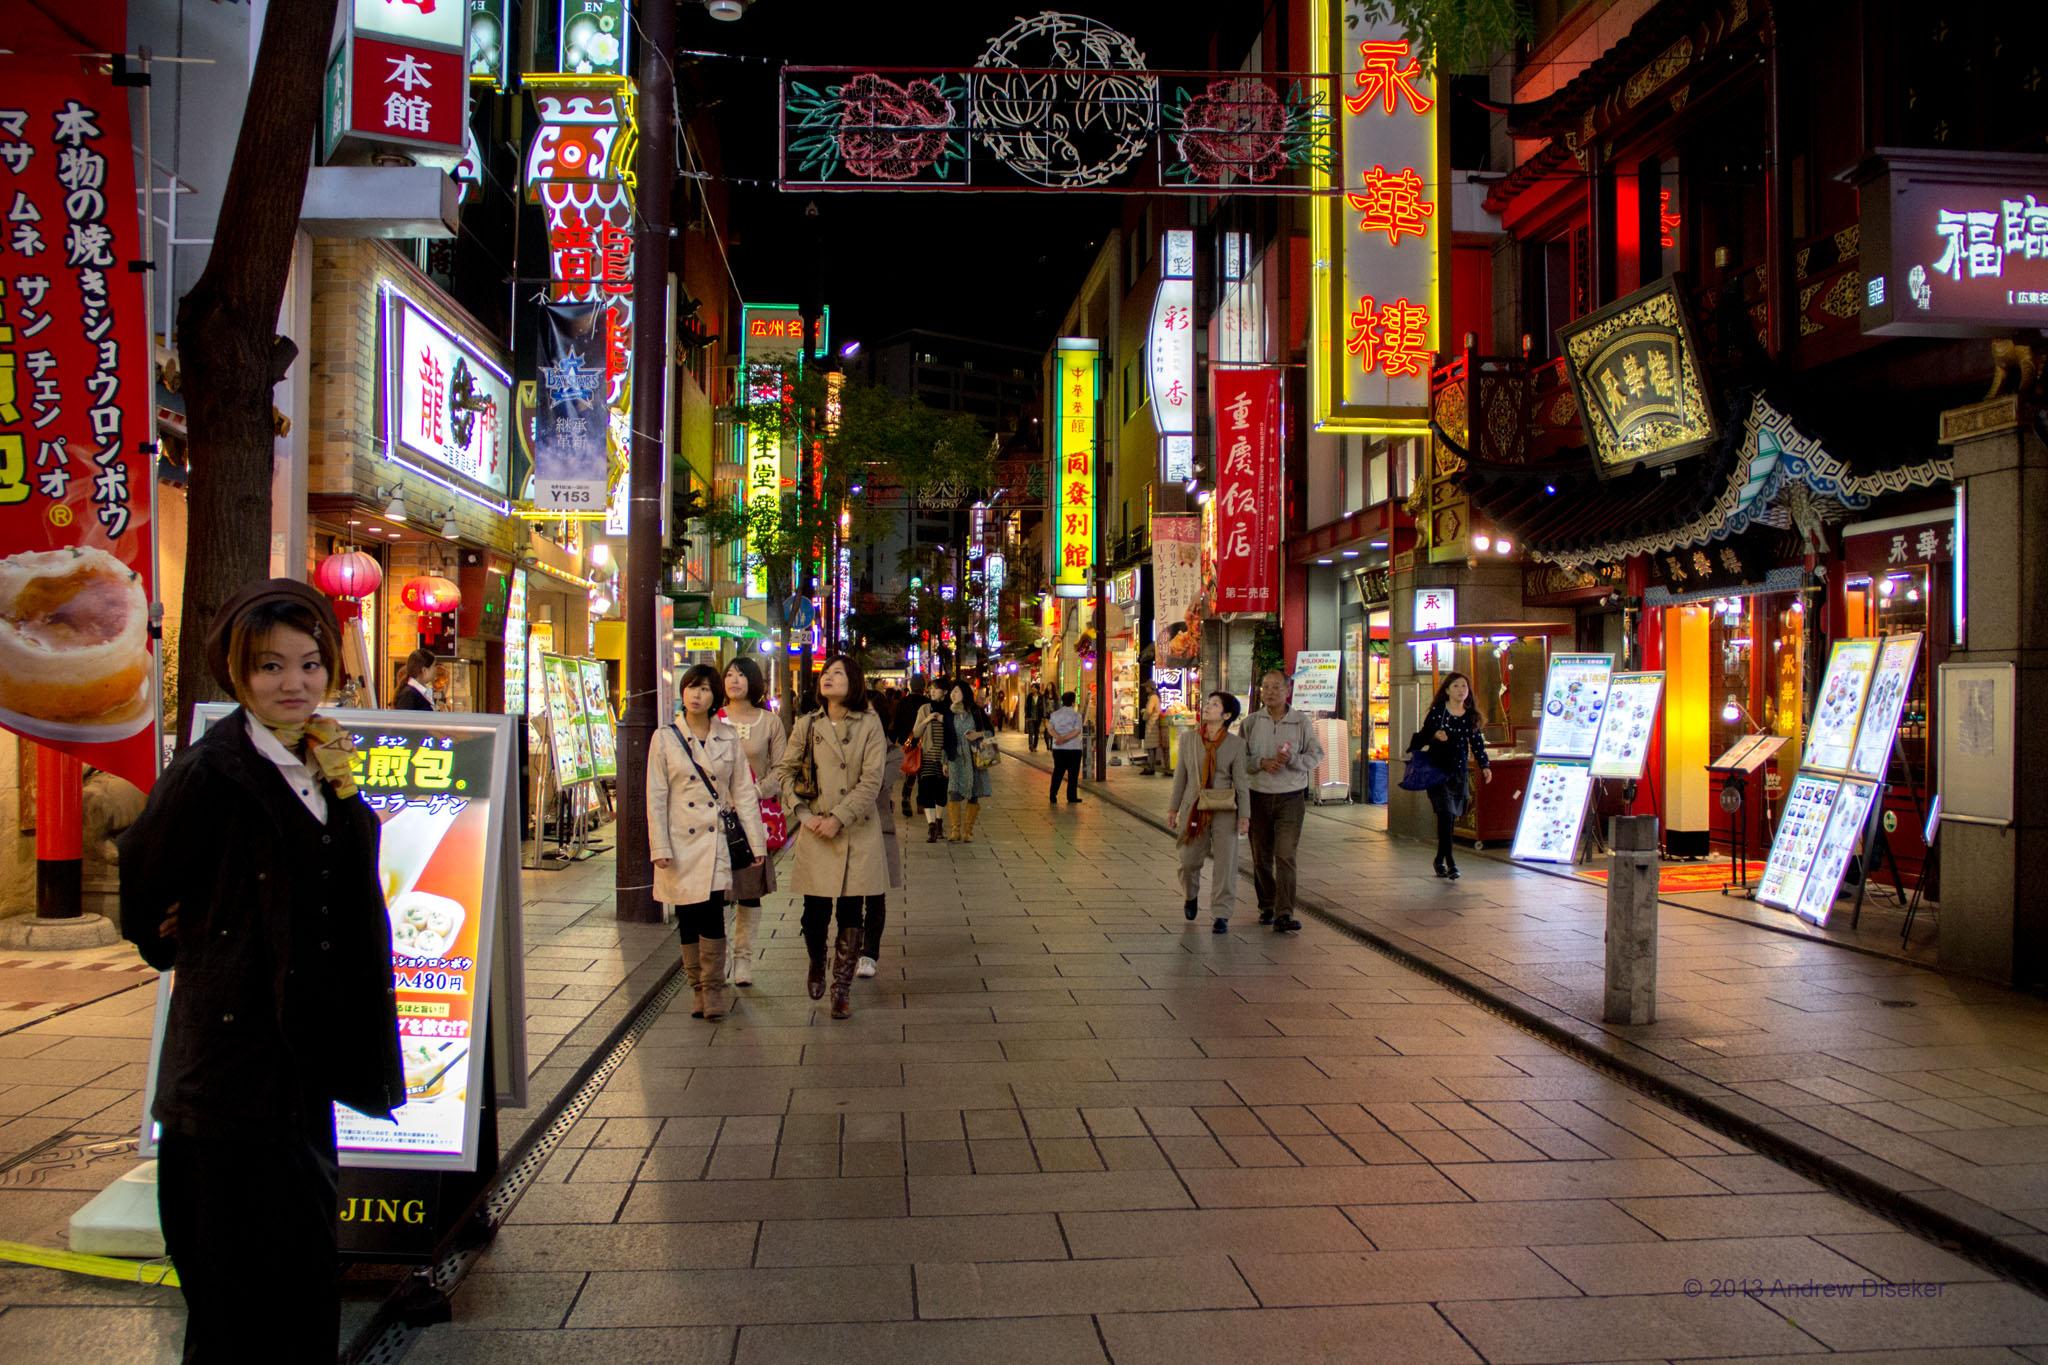 street scene in Yokohama's Chinatown